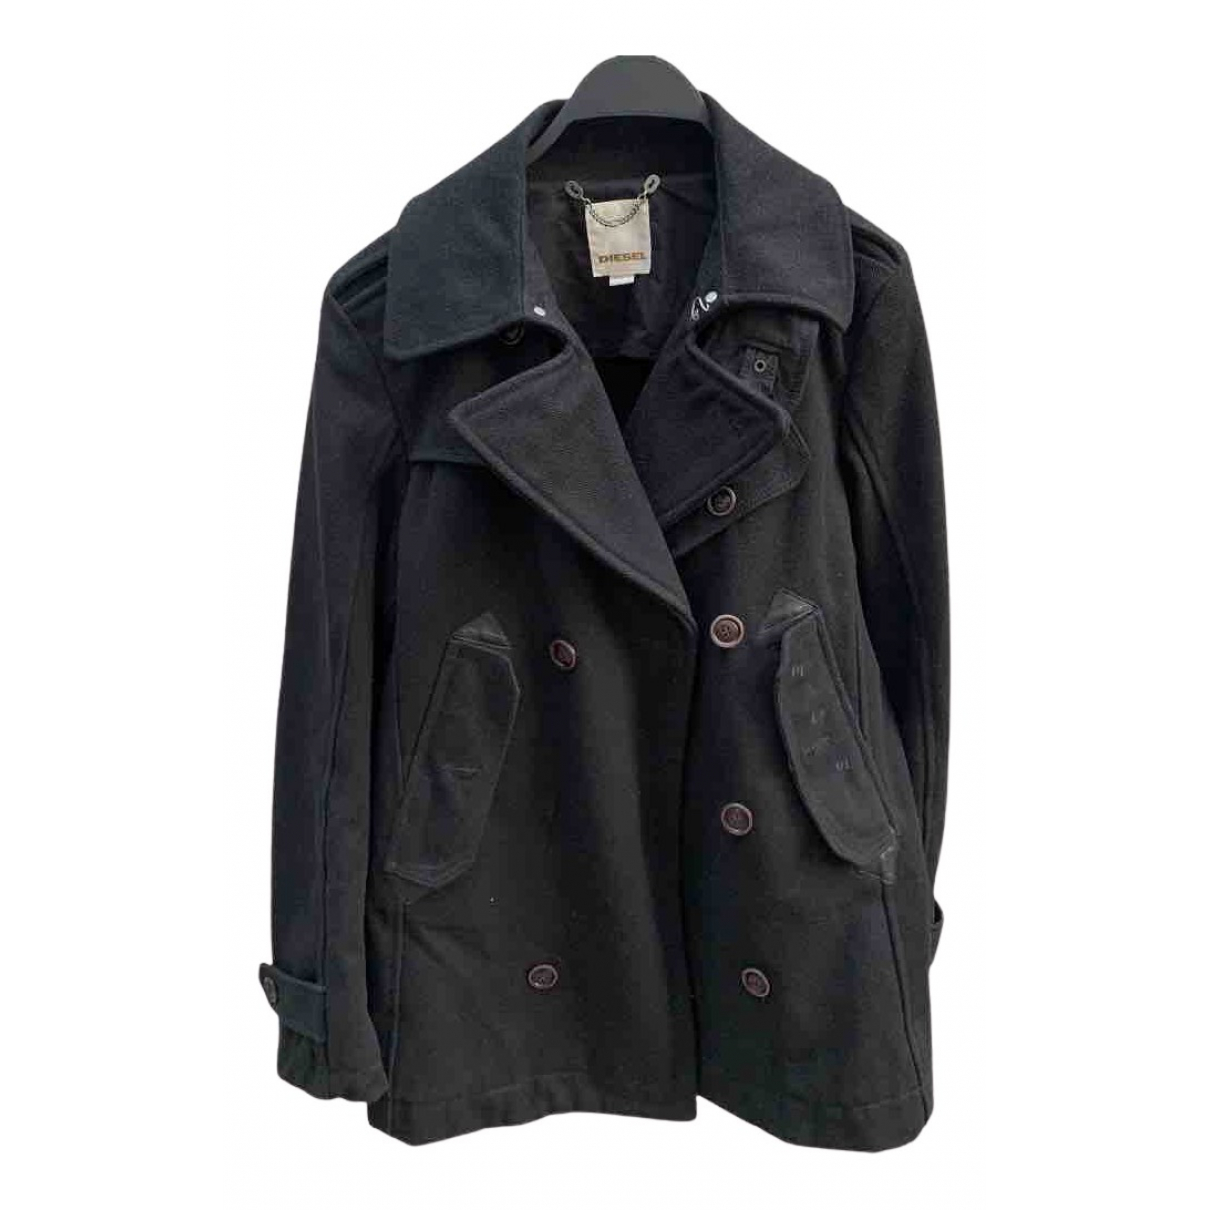 Diesel - Vestes.Blousons   pour homme en laine - noir